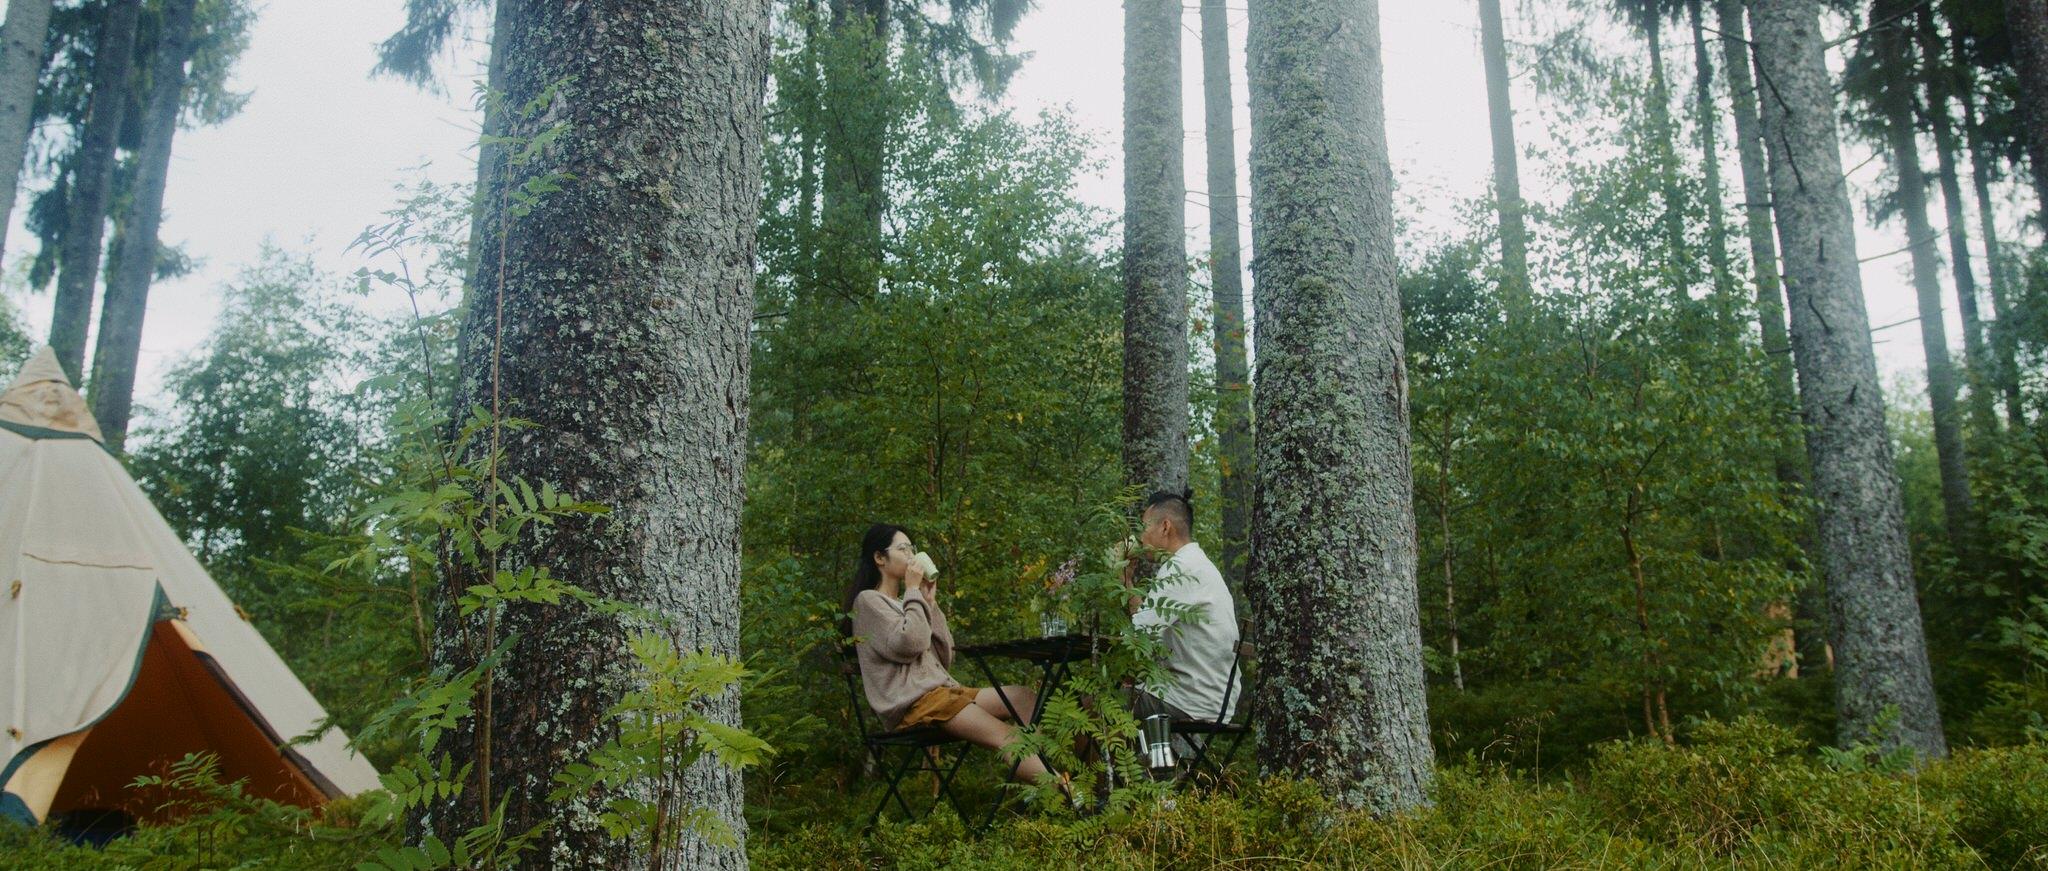 Bộ ảnh picnic trong Rừng Đen đẹp như cổ tích của gia đình Việt ở Đức giữa mùa dịch, vừa bình yên lại chẳng tốn kém nhiều - Ảnh 10.